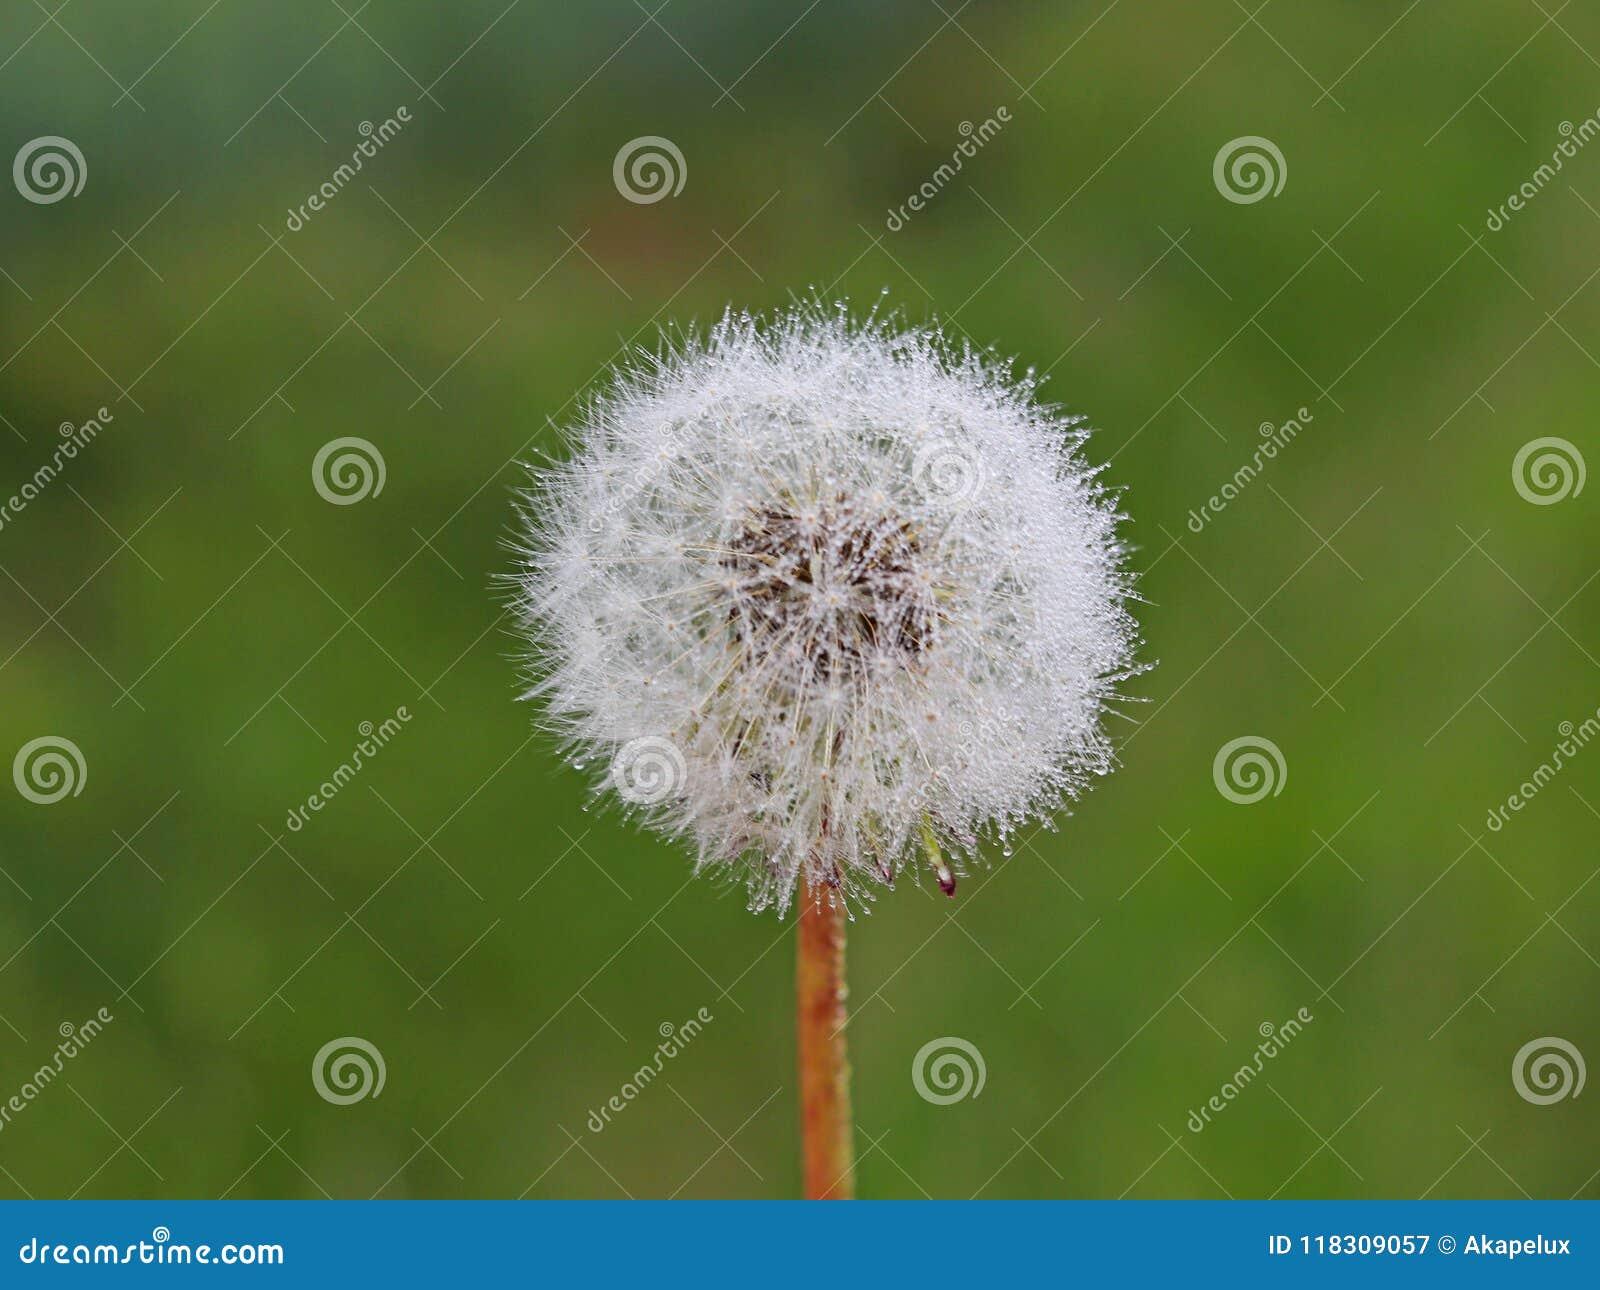 Macro Photographie D Une Boule Blanche D Une Fleur De Pissenlit Sur